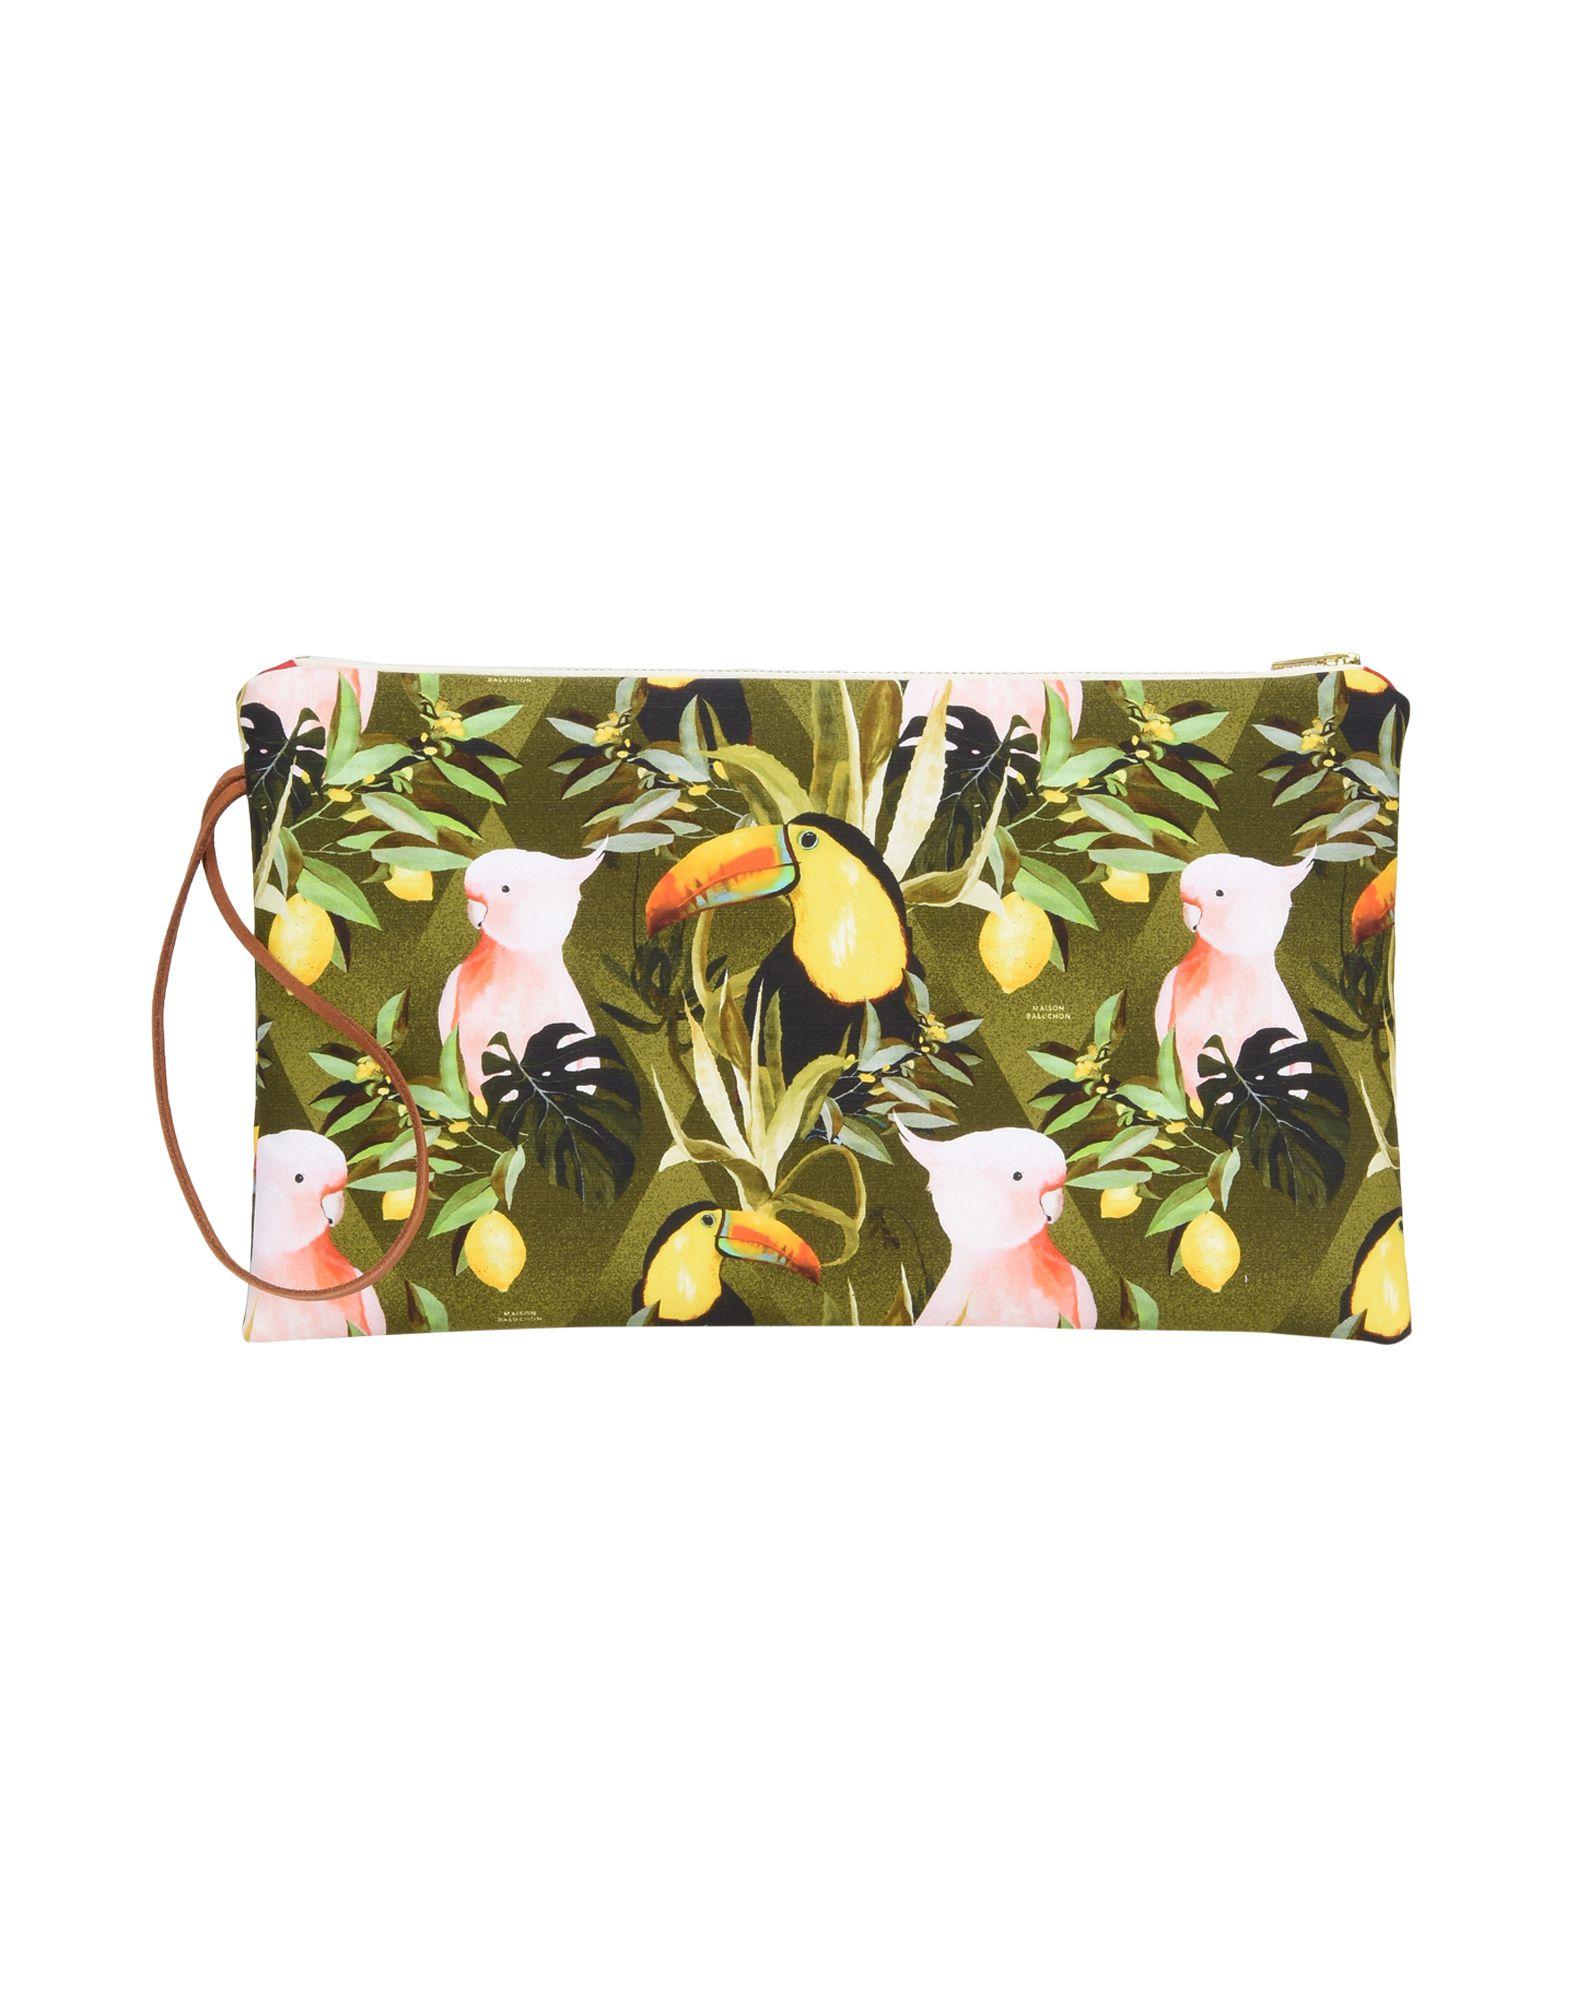 《送料無料》MAISON BALUCHON レディース ハンドバッグ ミリタリーグリーン 紡績繊維 LONG POCHETTE